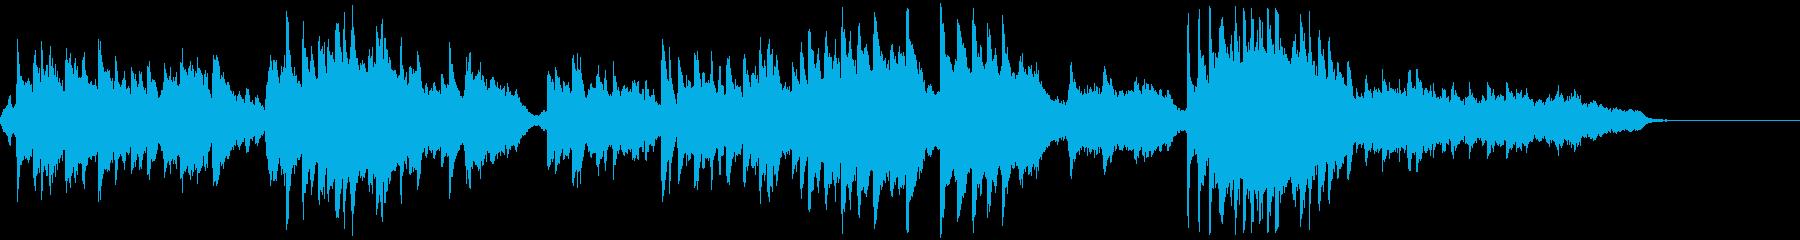 ほのぼのした綺麗な旋律の優しい音楽 の再生済みの波形